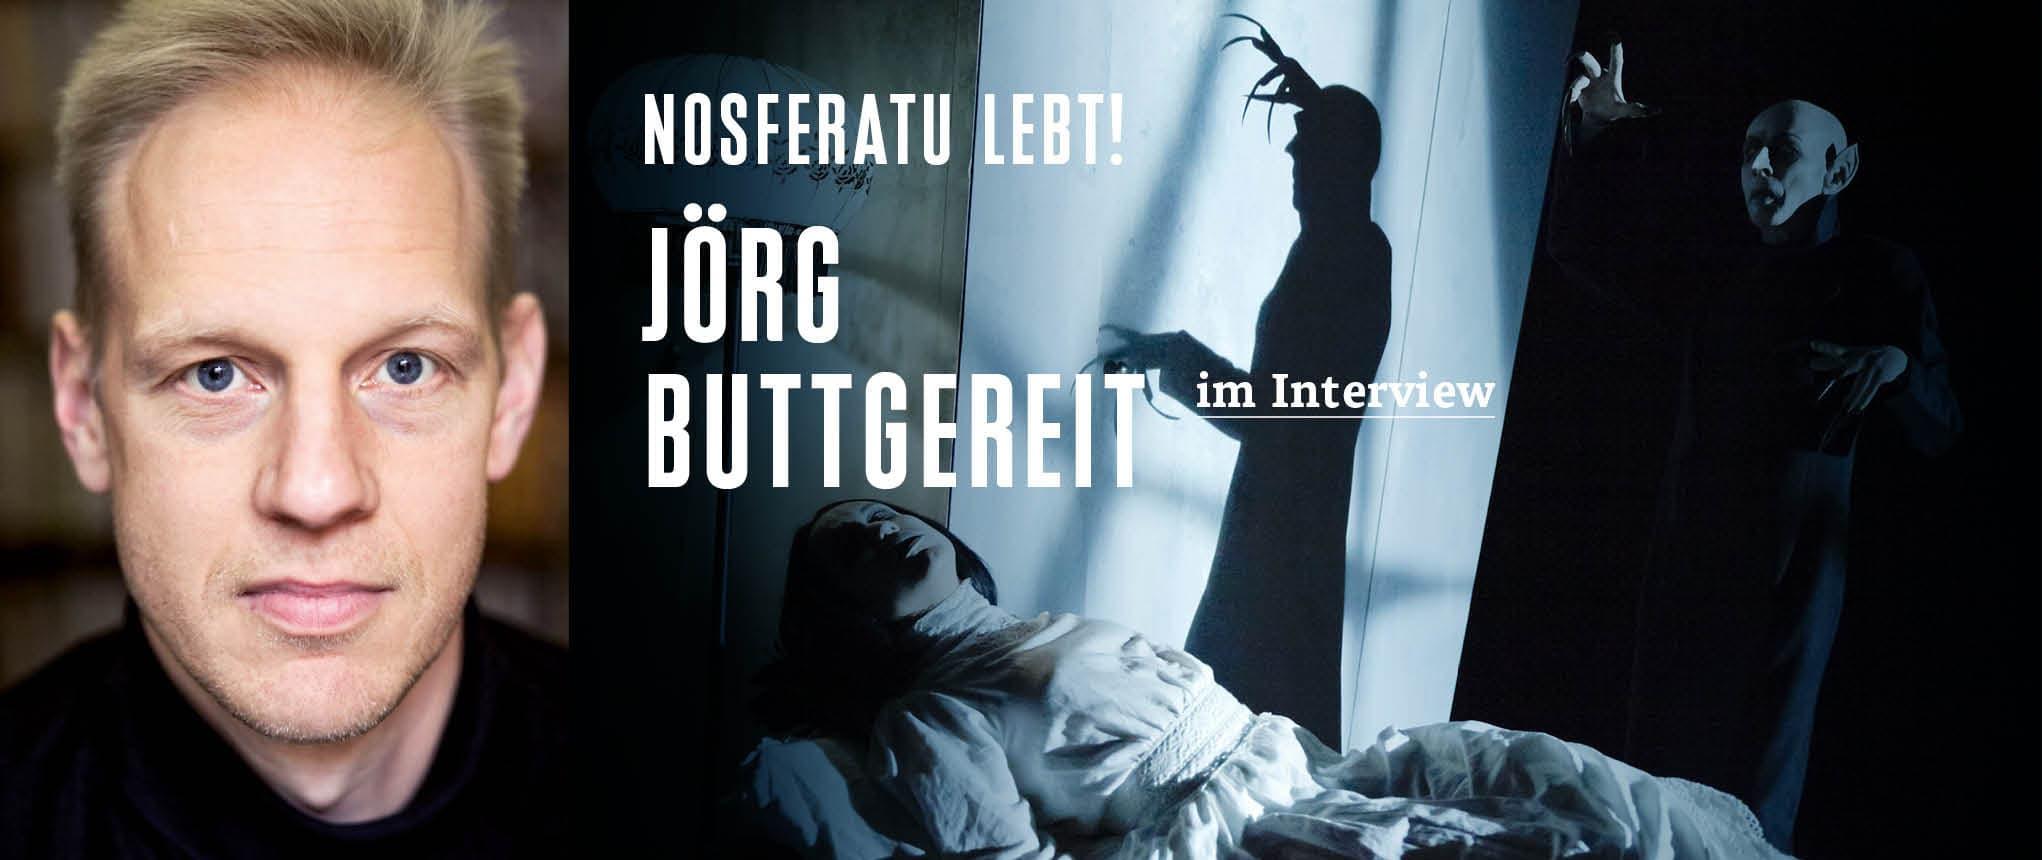 JÖRG BUTTGEREIT MACHT THEATER!